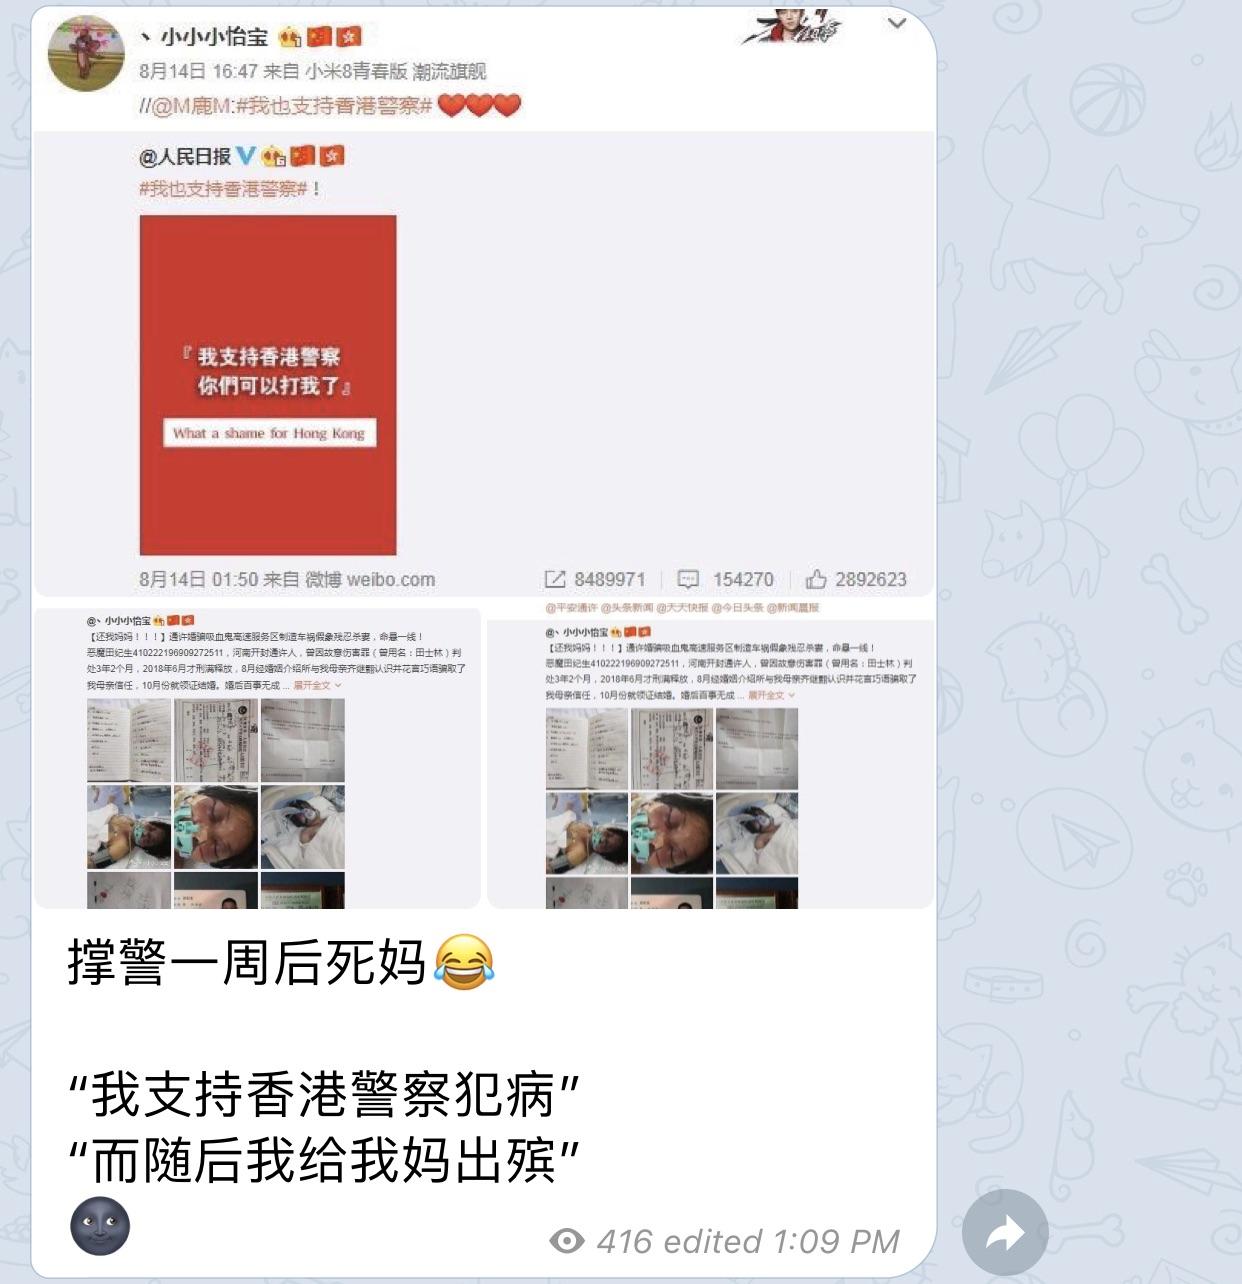 https://upload.cc/i1/2019/08/21/UjunLV.png